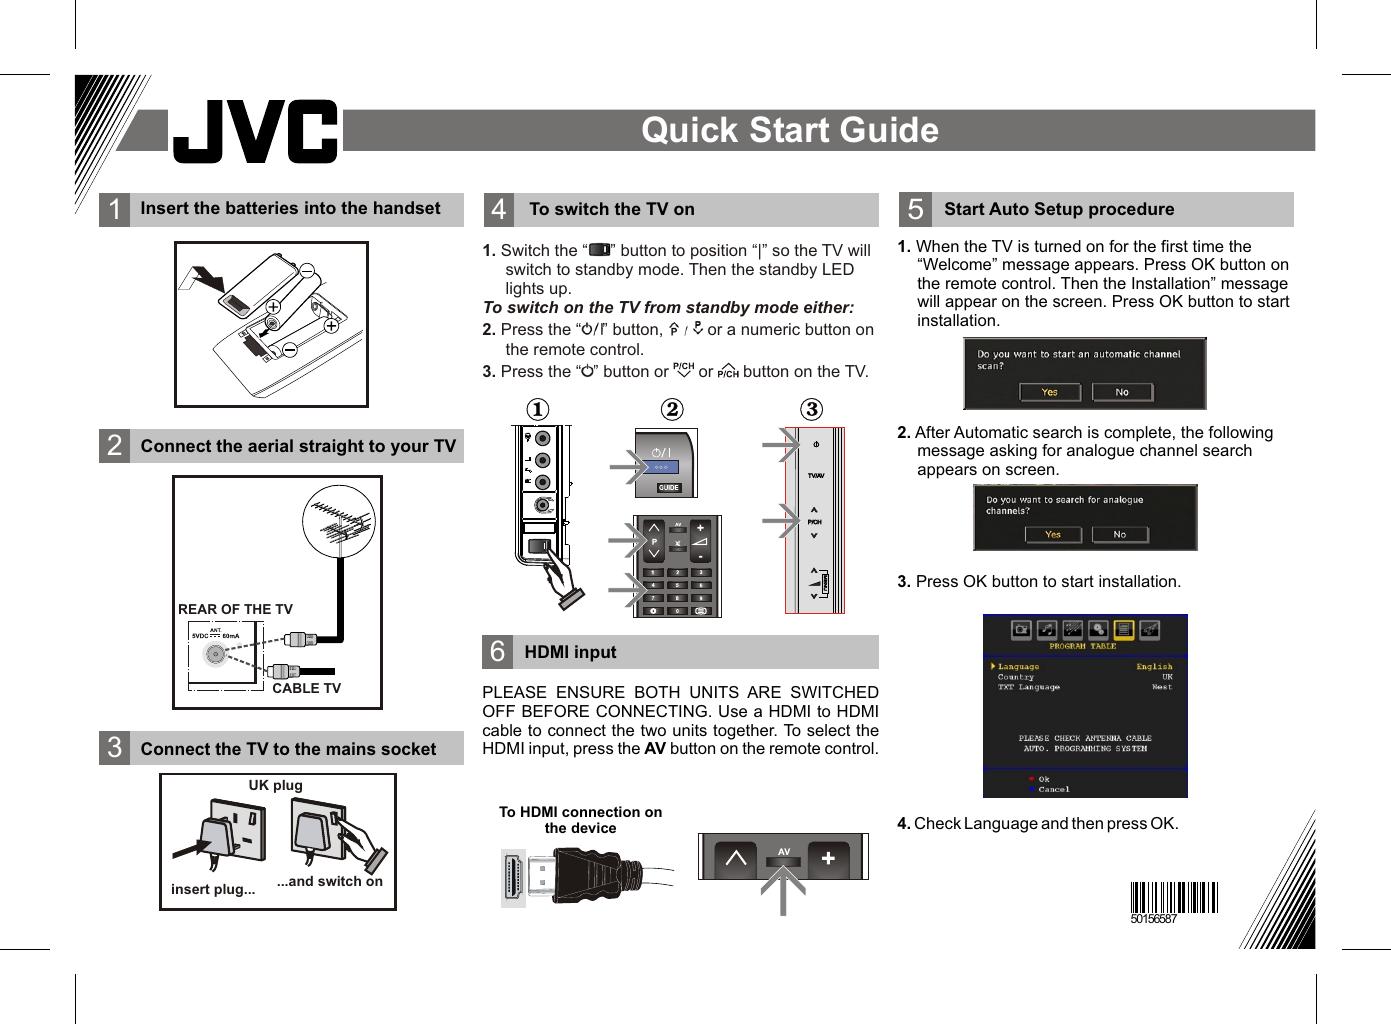 jvc lt 32da1bj user manual 50156587 en rh usermanual wiki jvc user manuals uk jvc user manuals uk